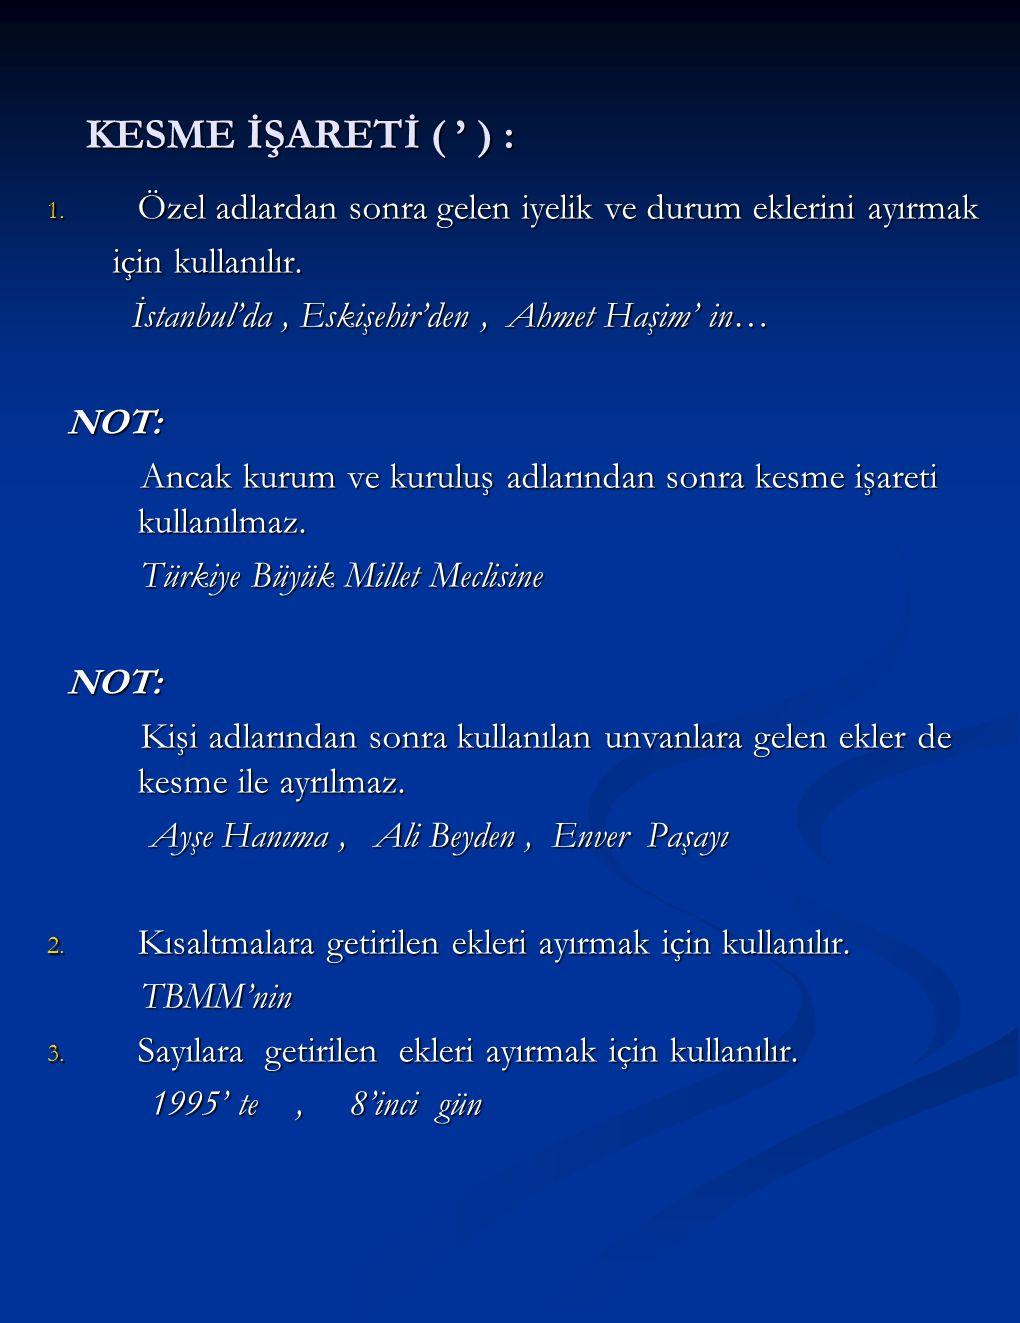 KESME İŞARETİ ( ' ) : KESME İŞARETİ ( ' ) : 1. Özel adlardan sonra gelen iyelik ve durum eklerini ayırmak için kullanılır. için kullanılır. İstanbul'd